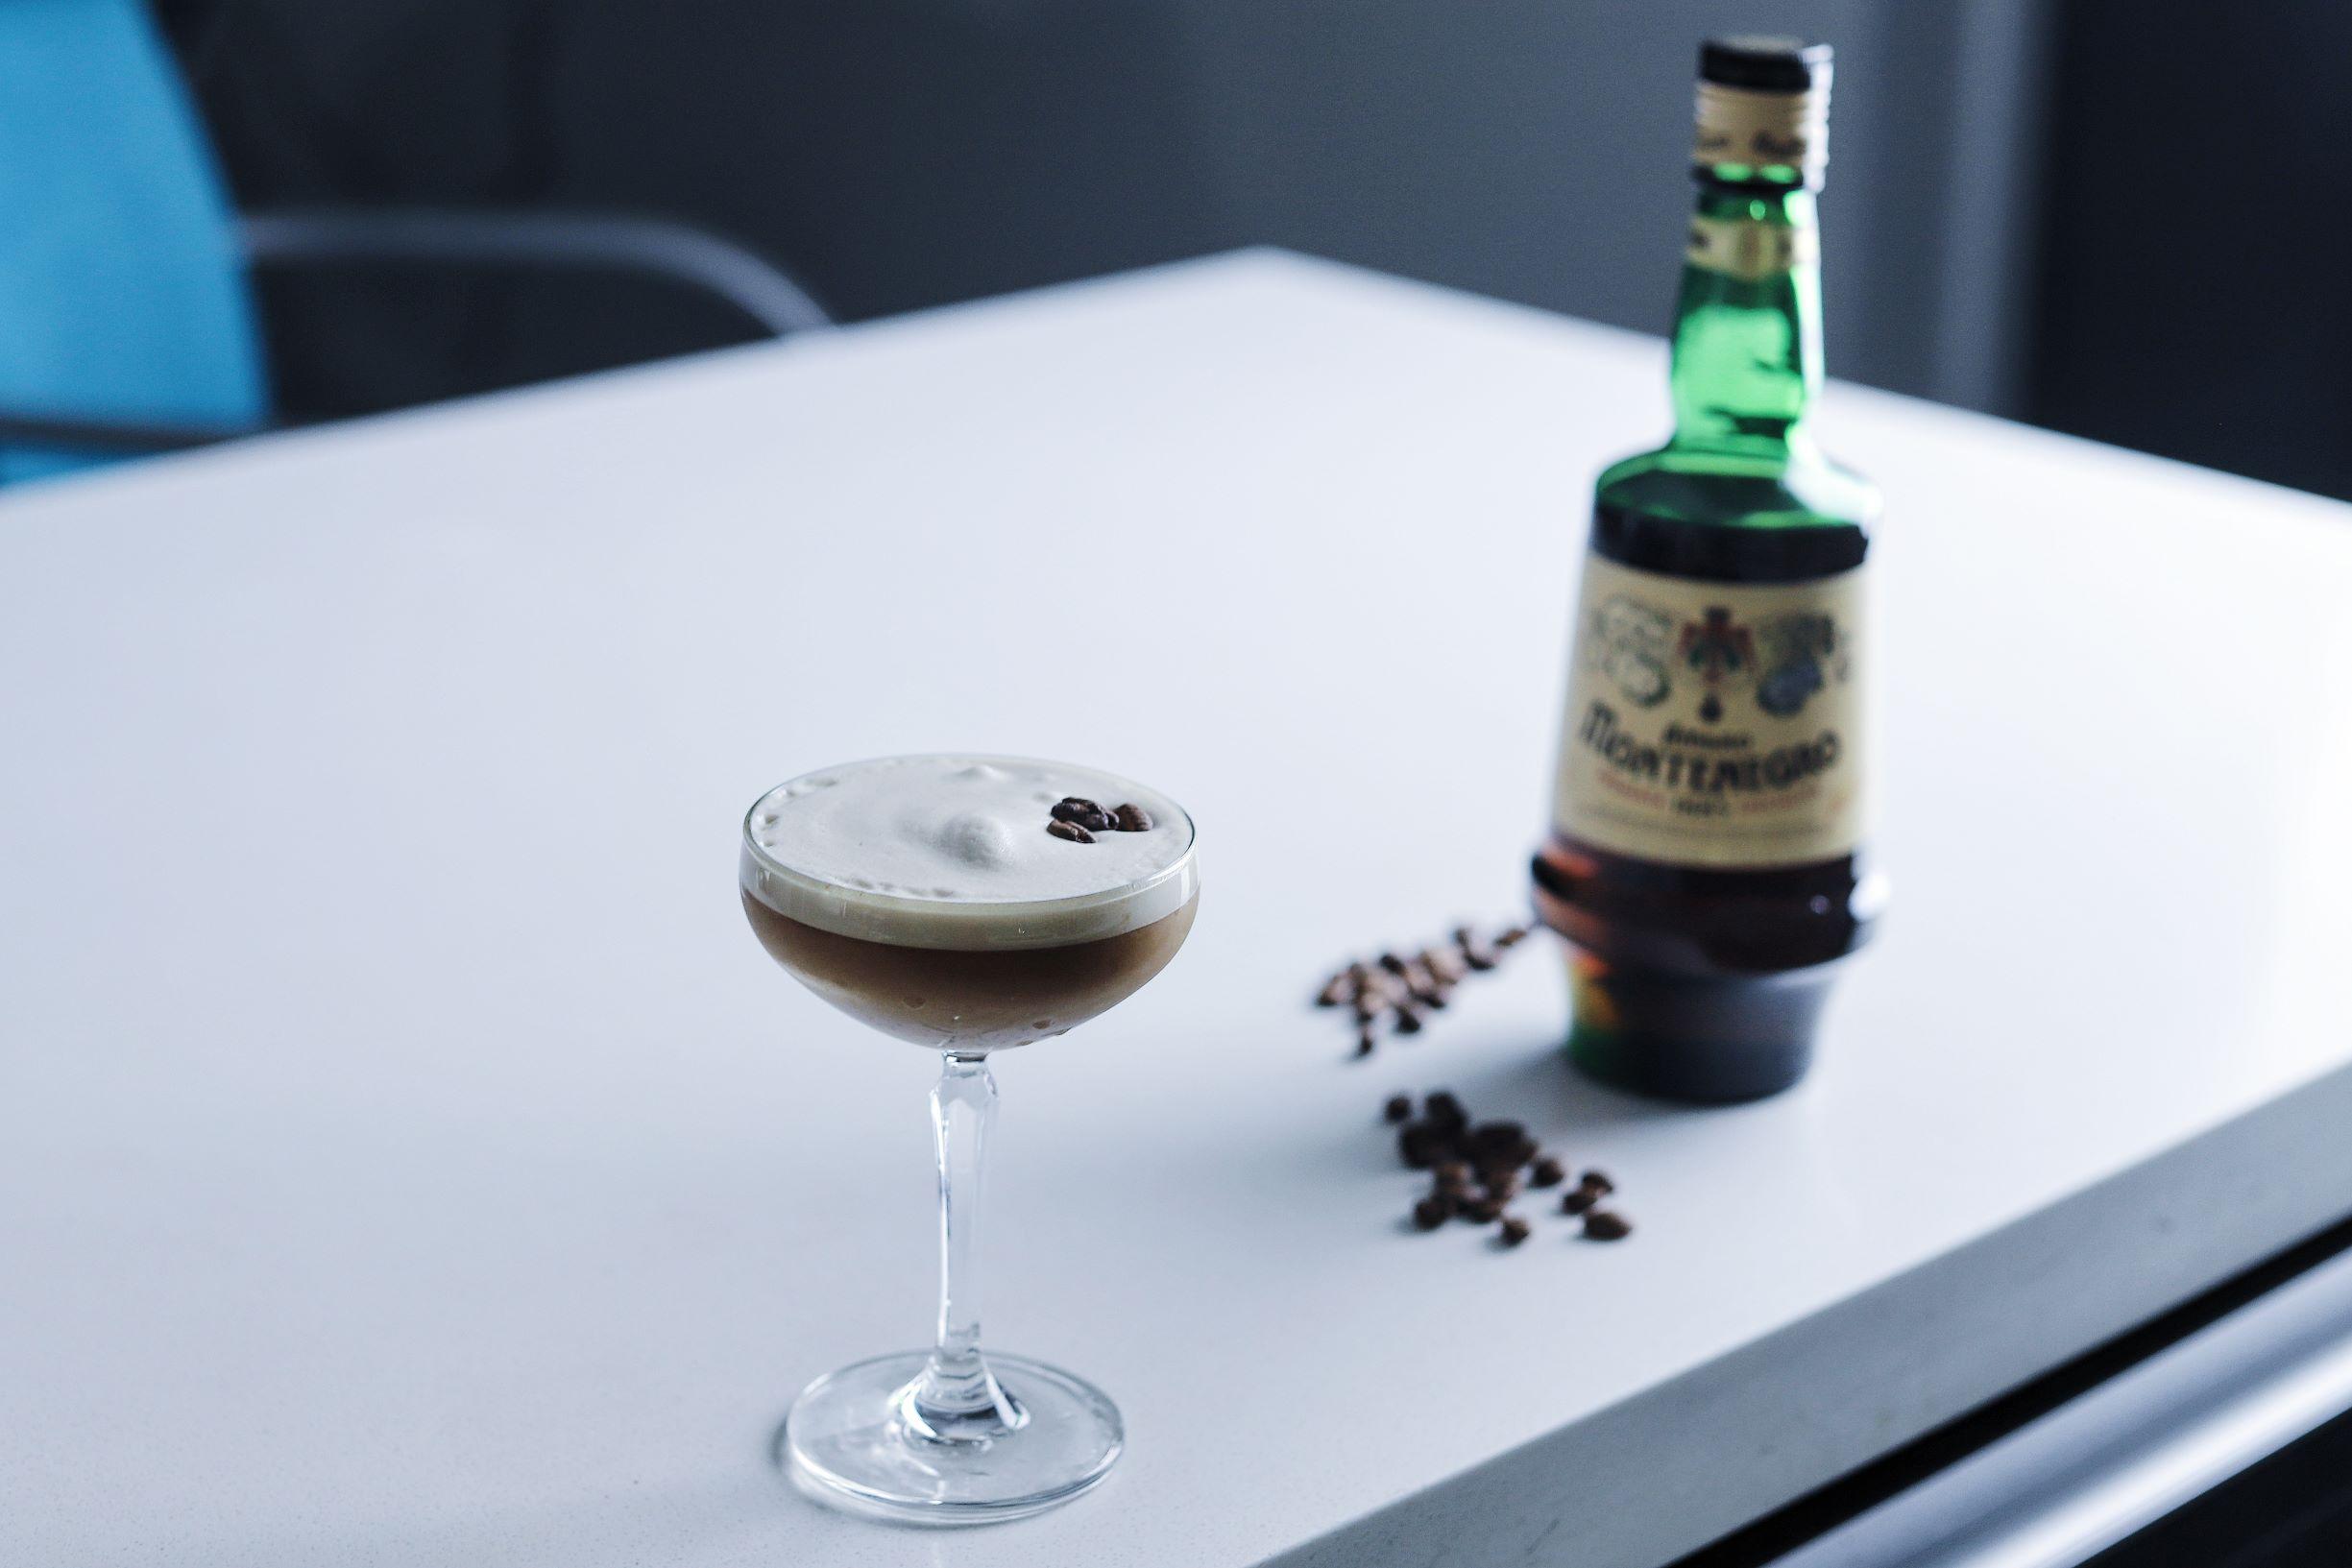 LeClair Organics Liberica specialty coffee, Amaro Montenegro espresso martini recipes